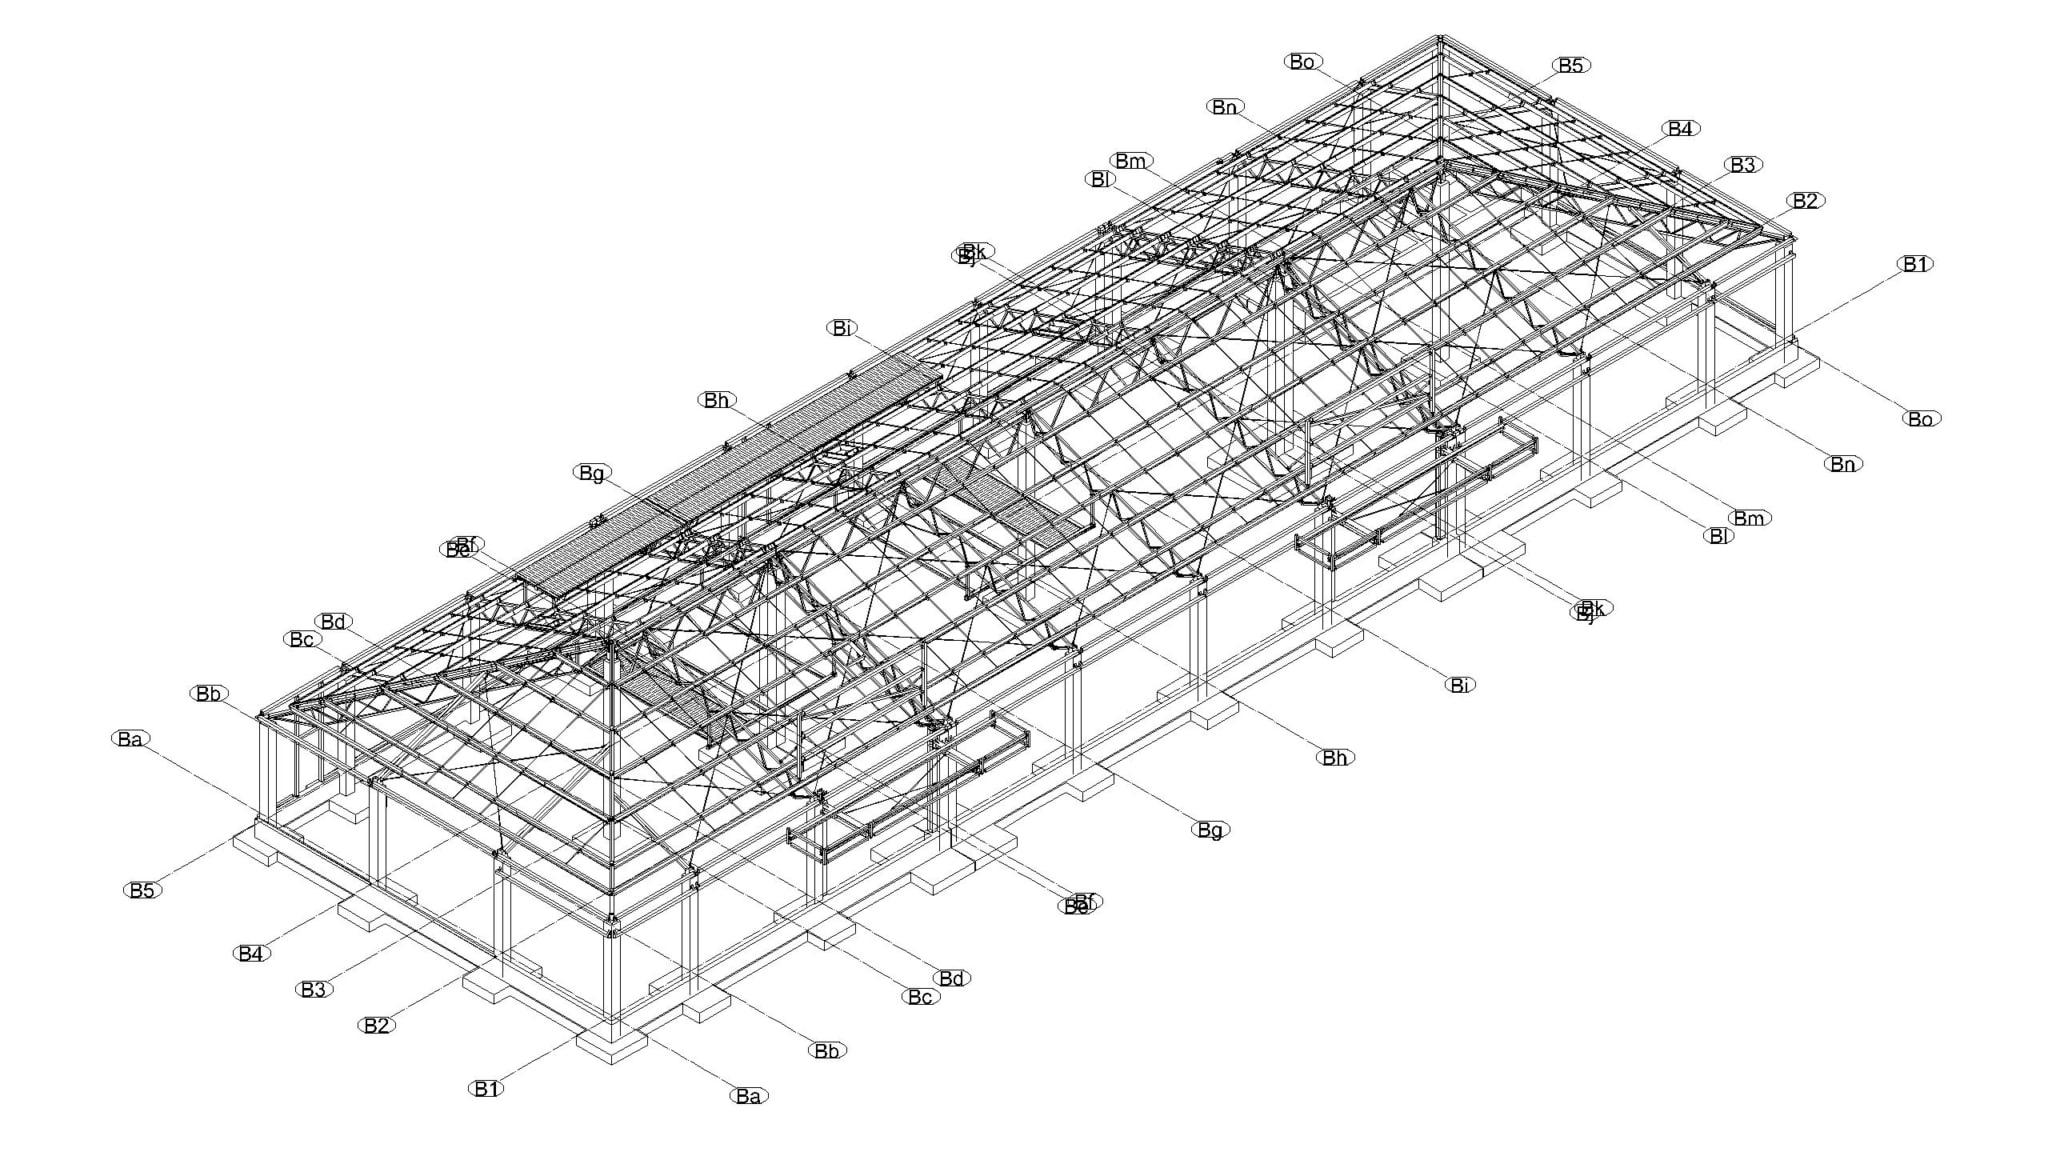 konstrukcje stalowe liwa b